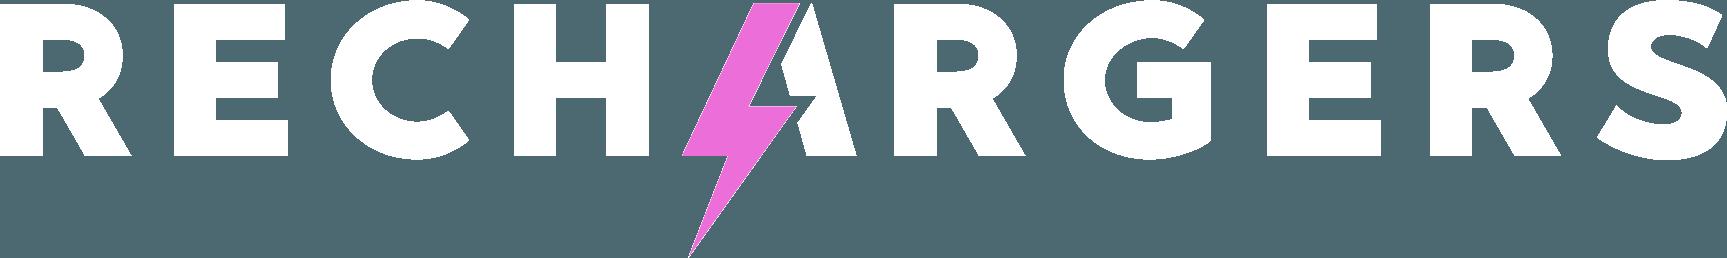 Rechargers - Tijdelijke glamping accommodaties